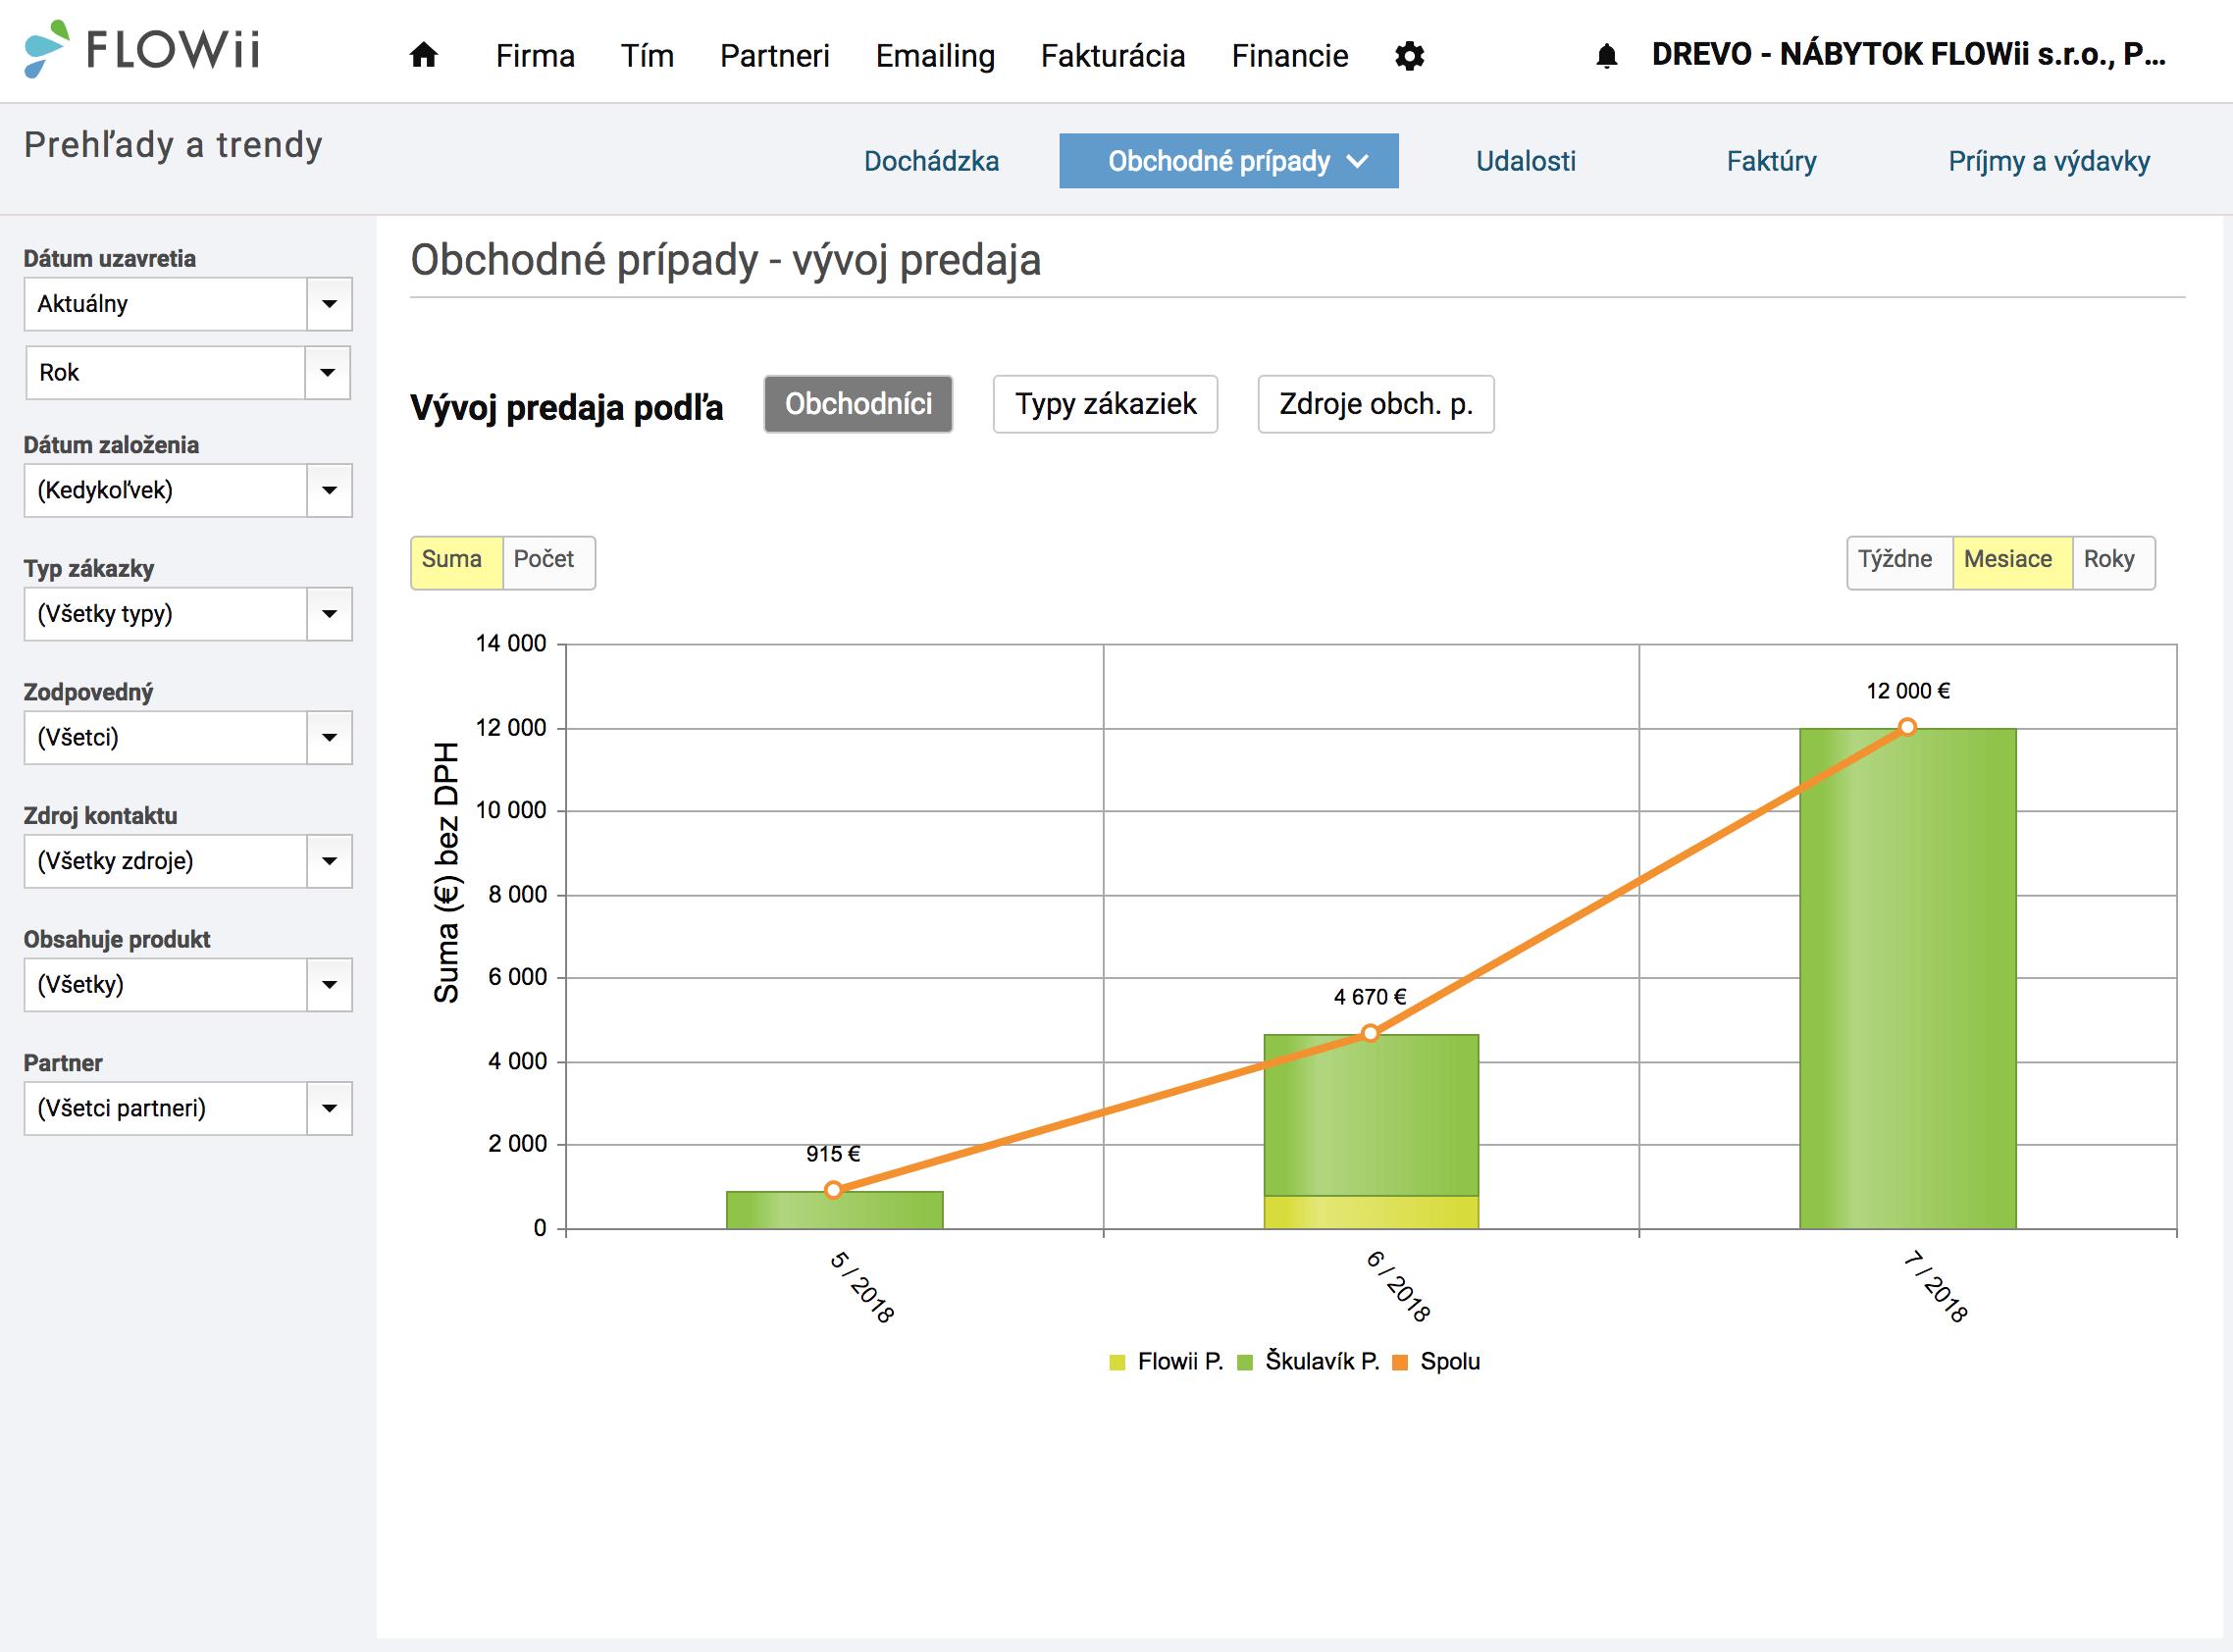 Grafické štatistiky v obchodných prípadoch